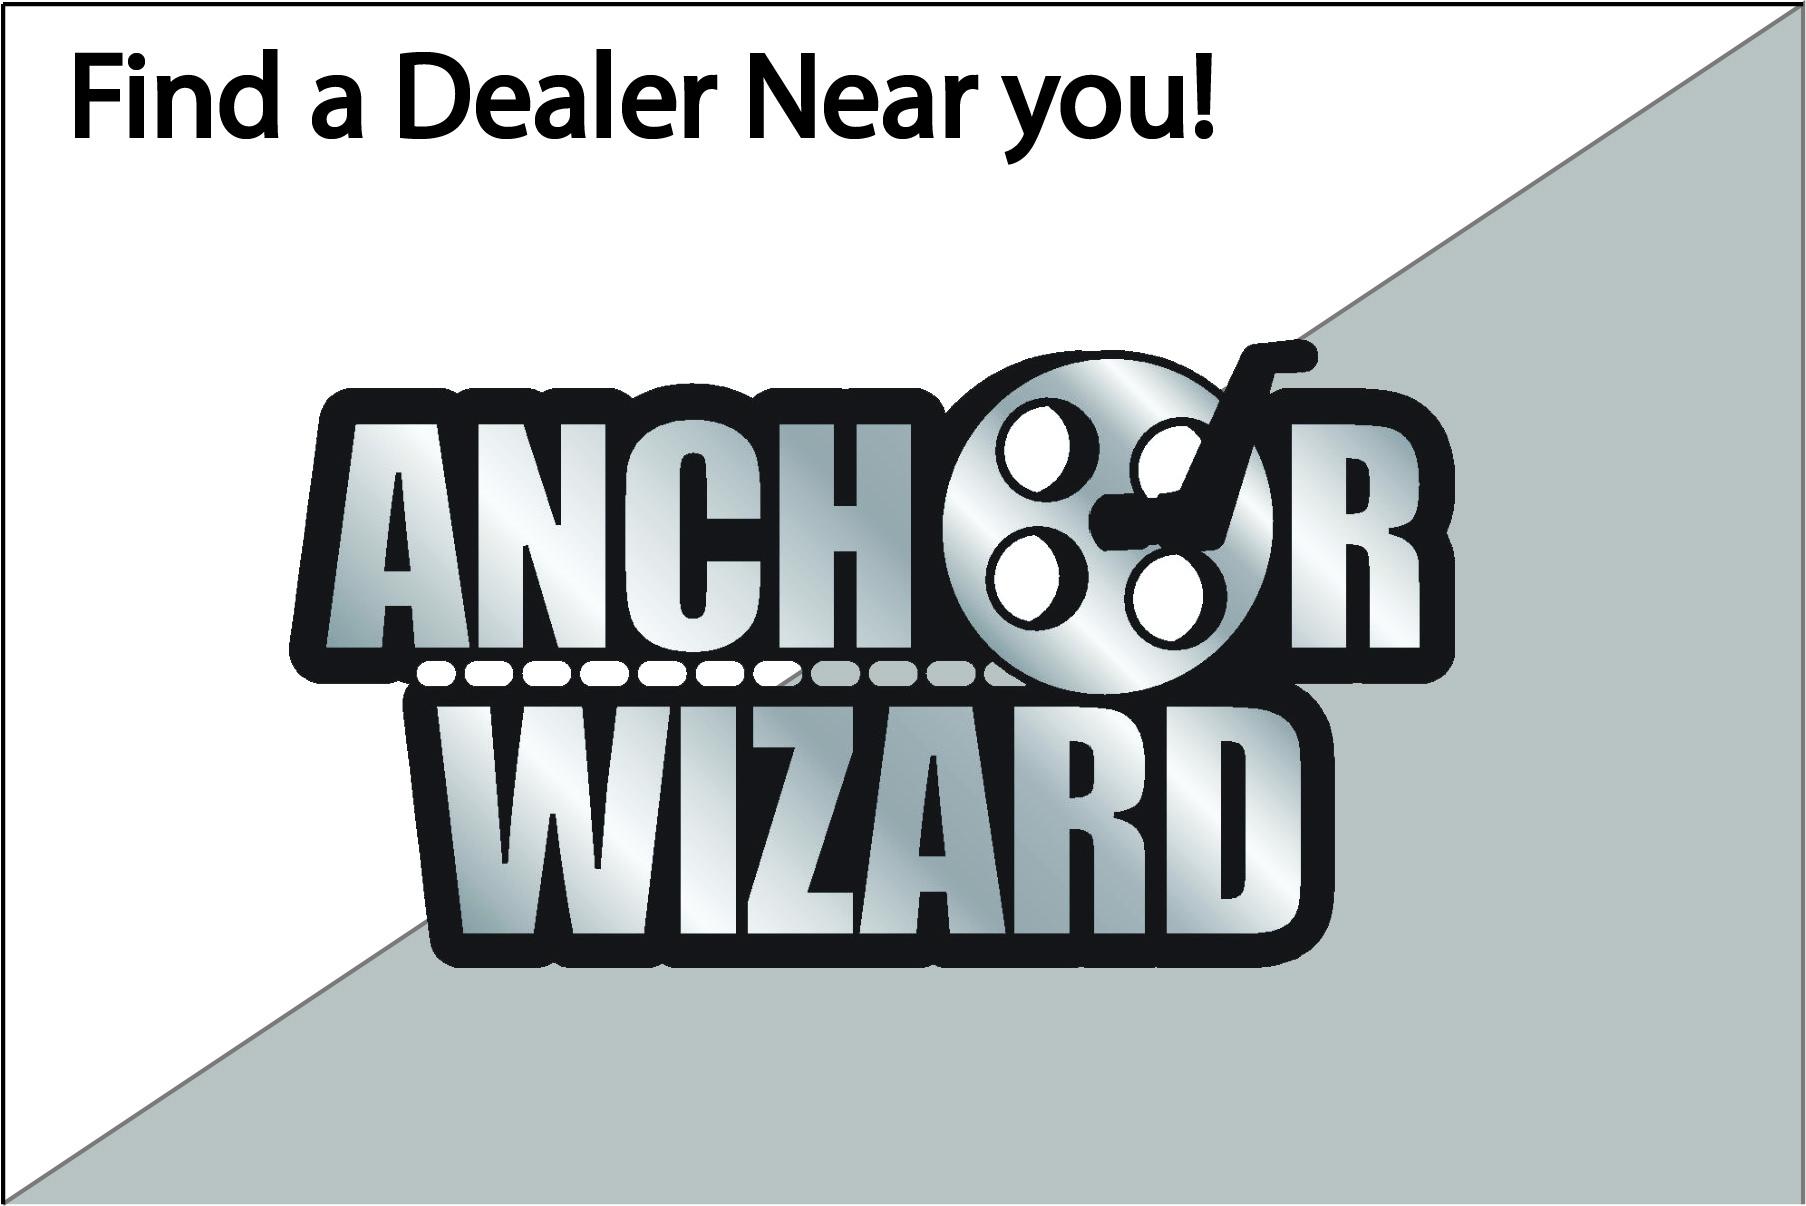 dealer-banner.jpg